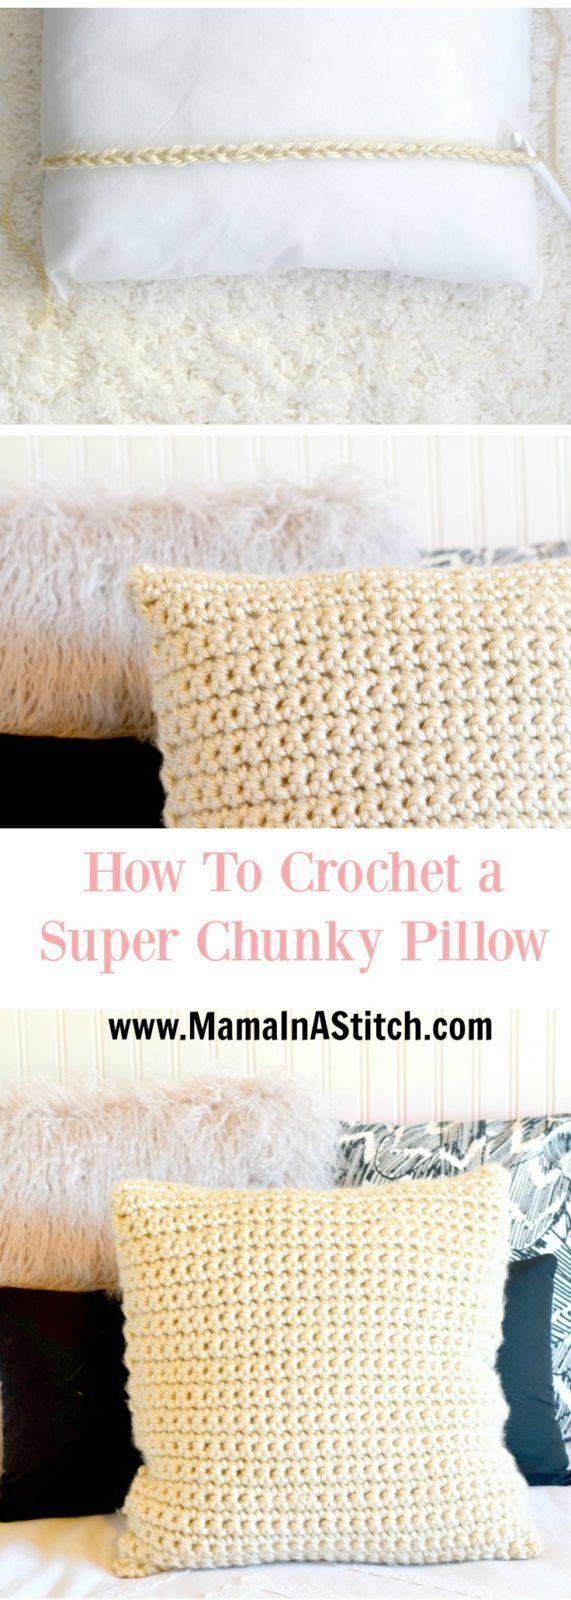 113 best crochet images on Pinterest   Crocheted bags, Crochet bags ...